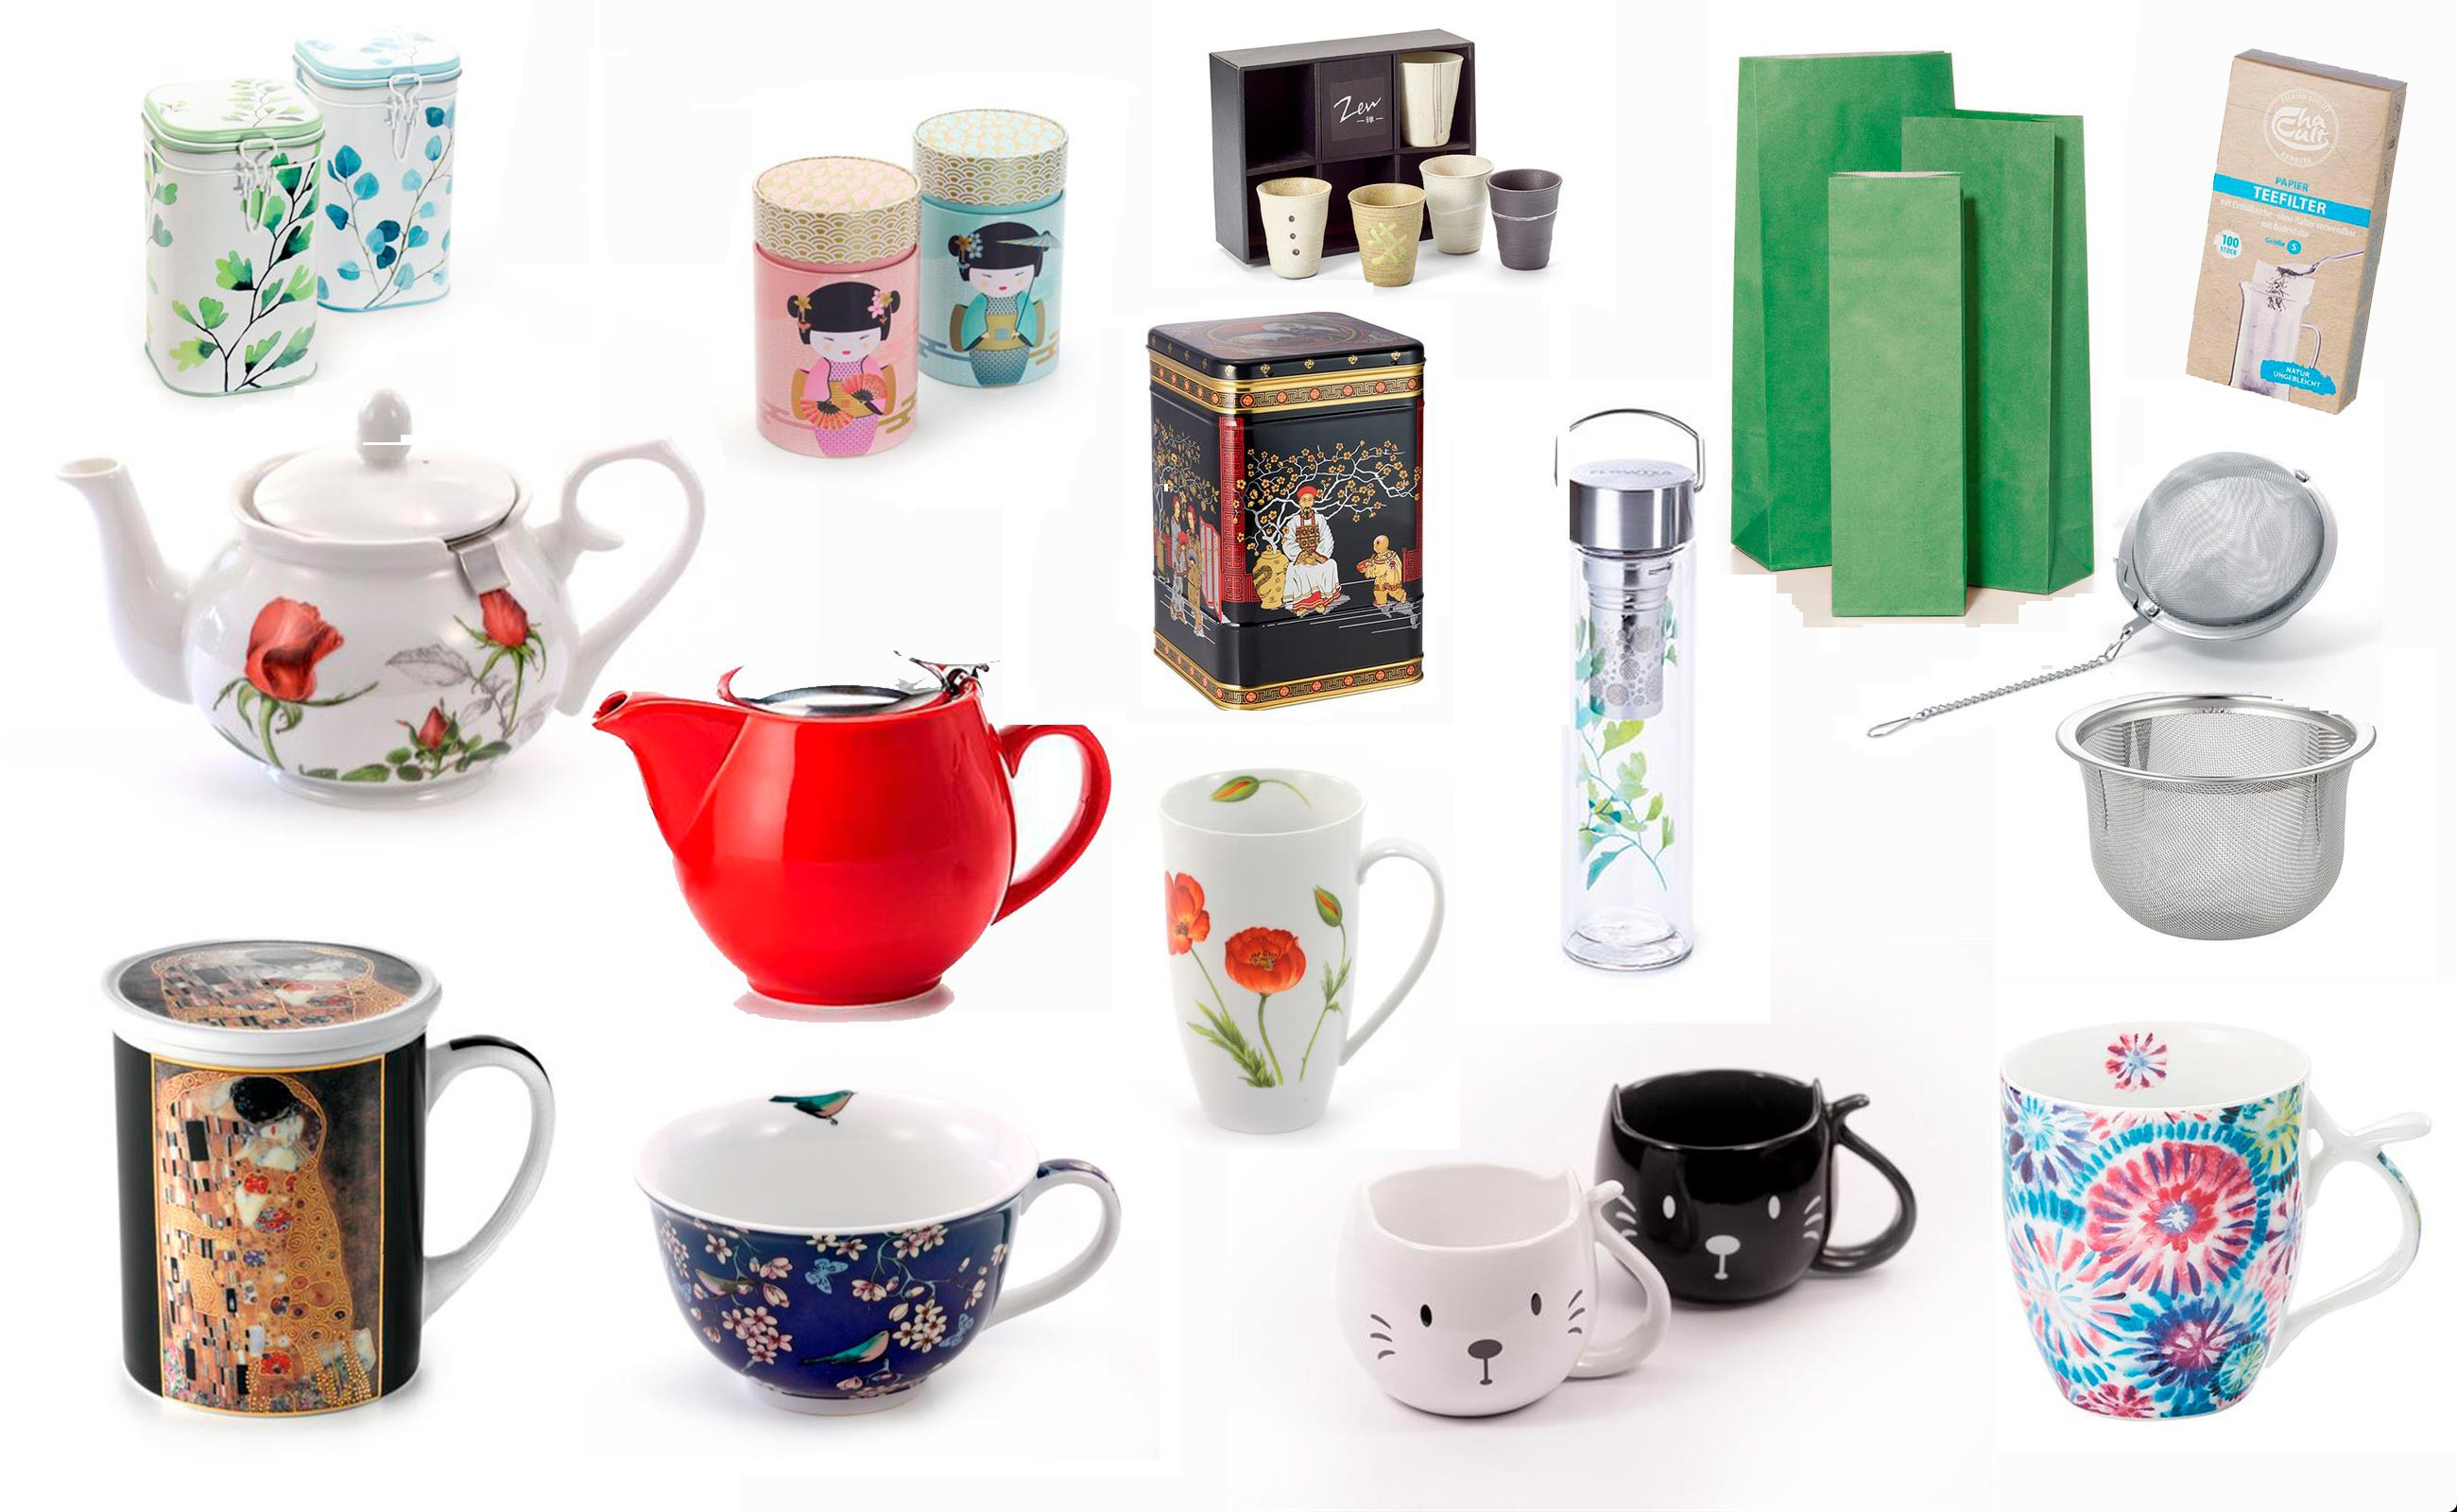 accesorios-complementos para café-té-